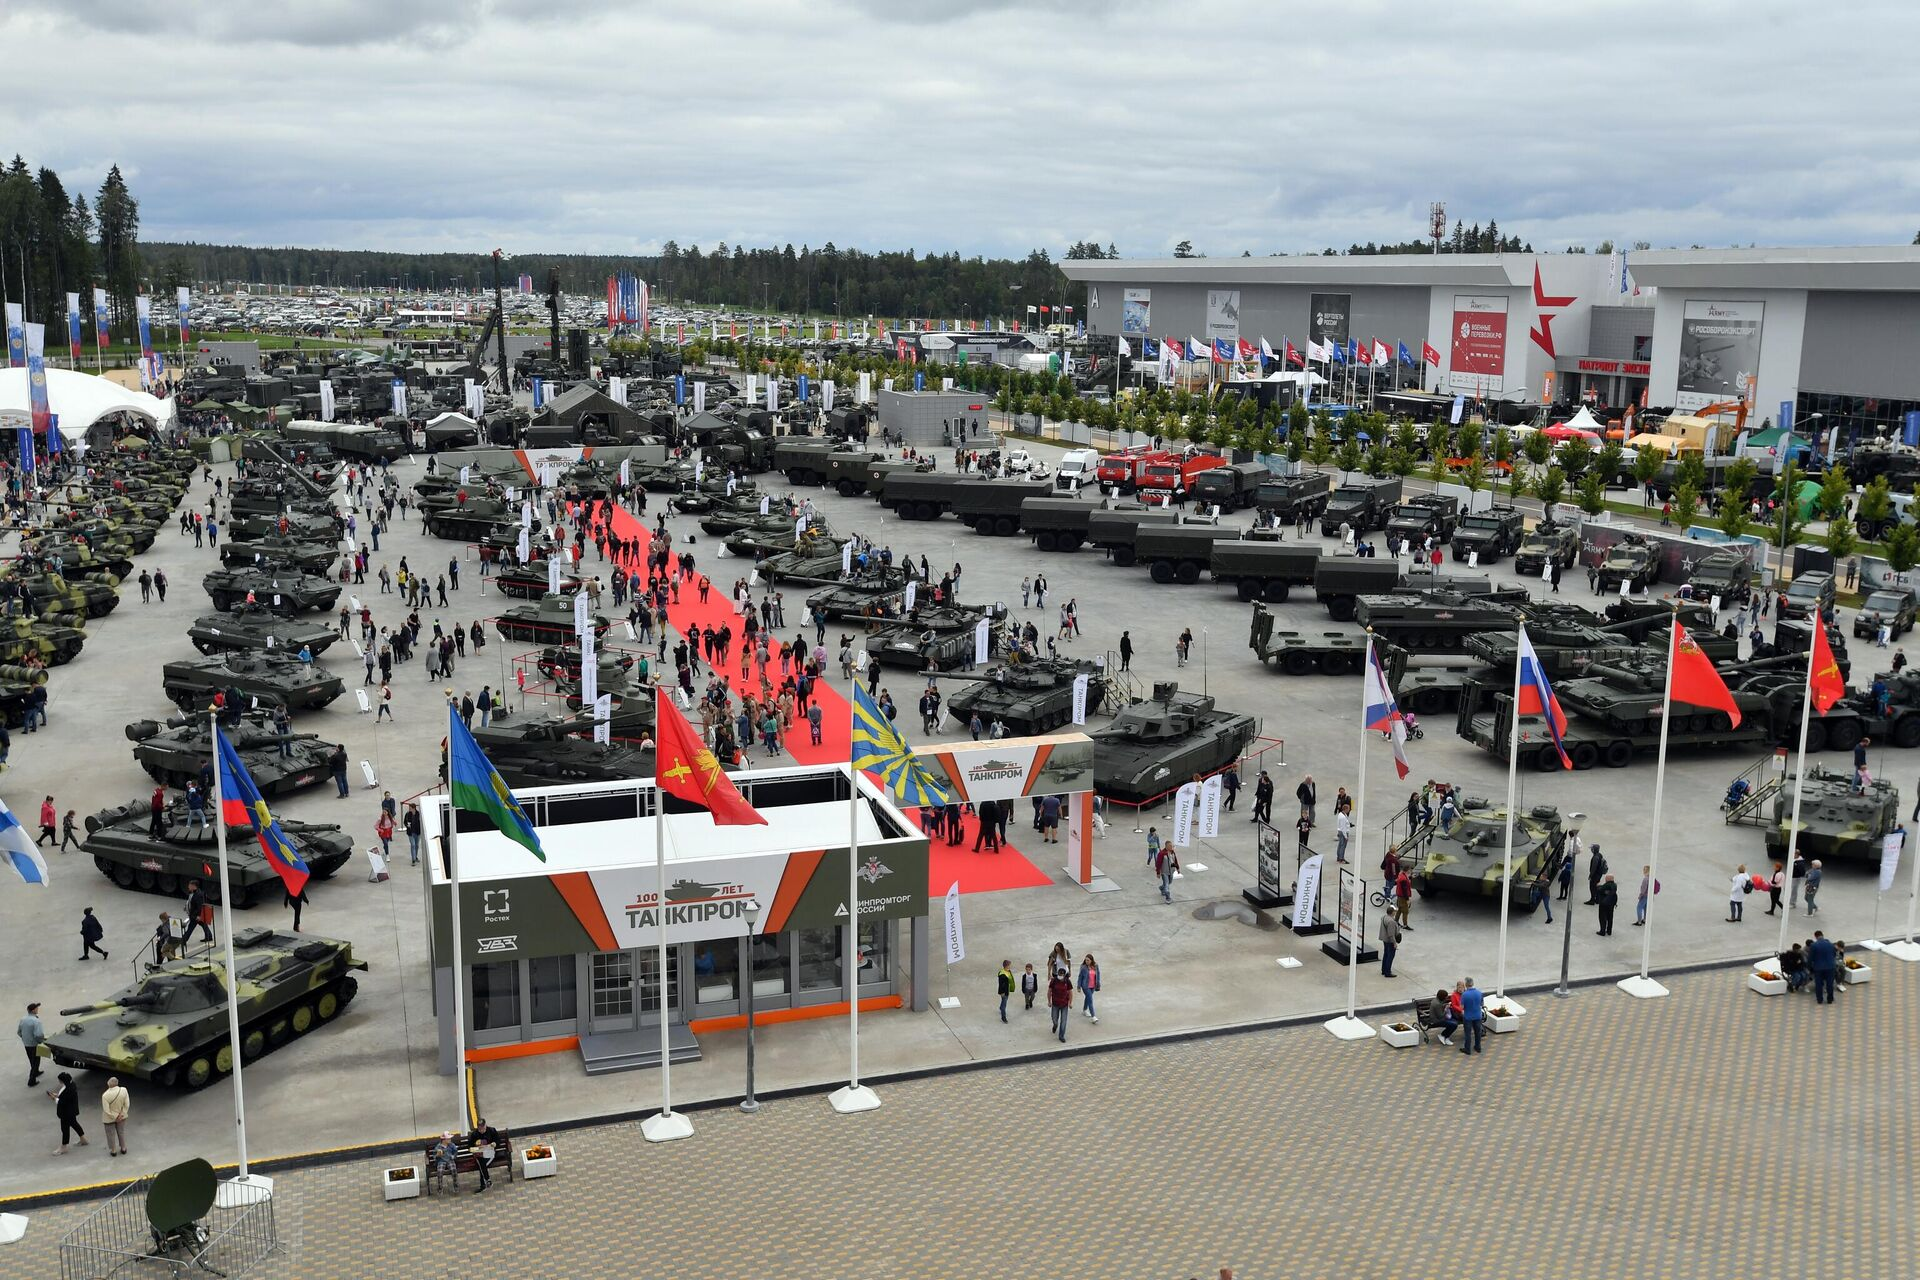 Посетители на выставке вооружений Международного военно-технического форума (МВТФ) Армия-2020, архивное фото - Sputnik Таджикистан, 1920, 18.06.2021